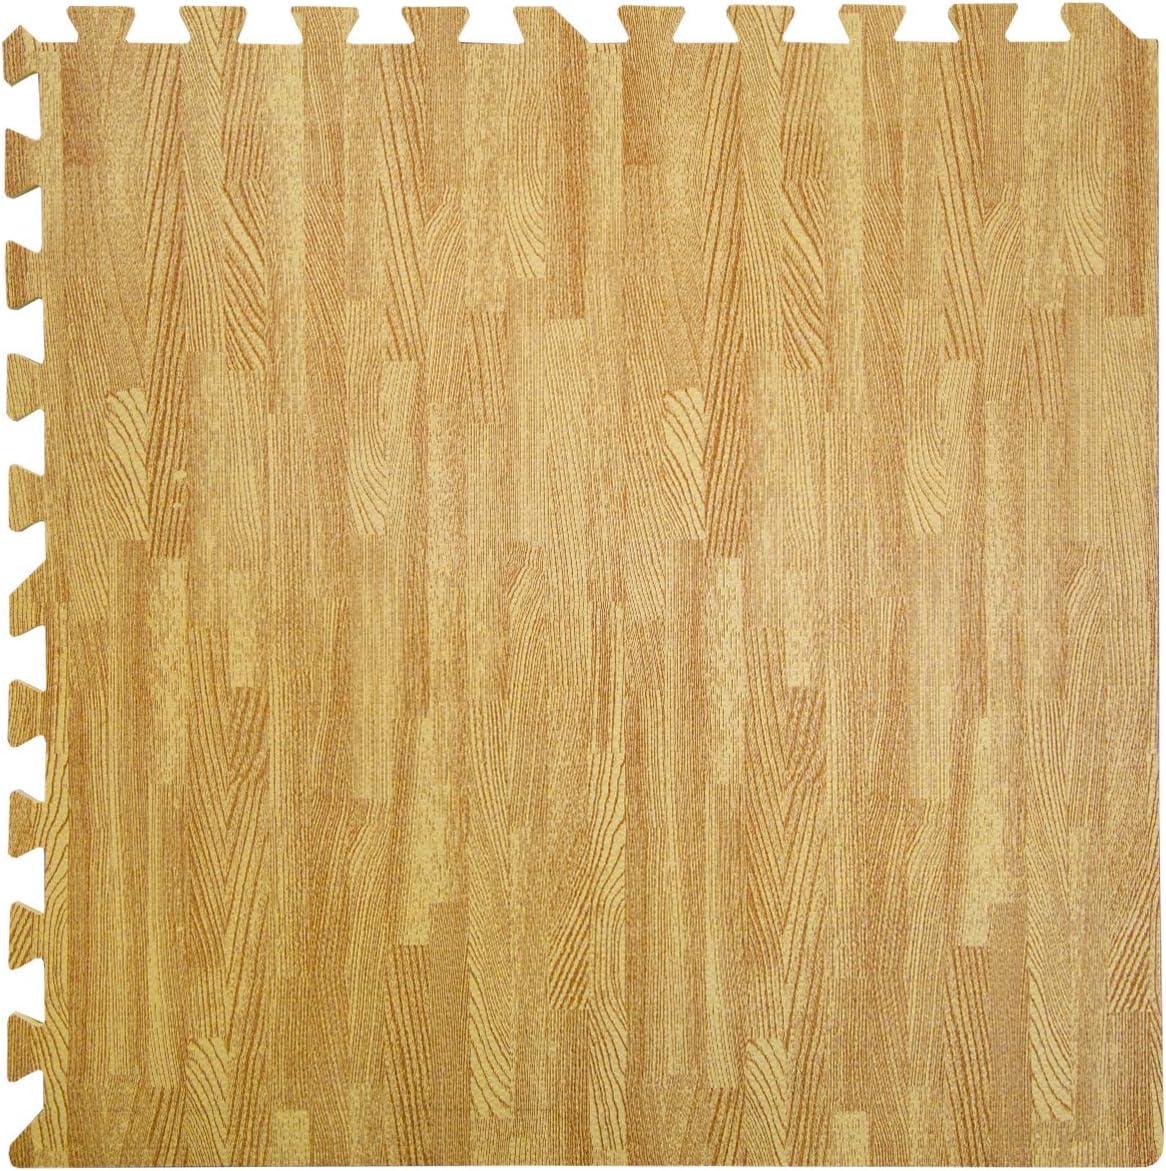 60x60cm mit 8 Abschlussleisten erweiterbare Steckmatten Schutzmatte Unterlegmatte Bodenmatte Deko Matte Hellbraun EYEPOWER Puzzlematten in Holz-Optik Laminat-Muster 4 Matten ca